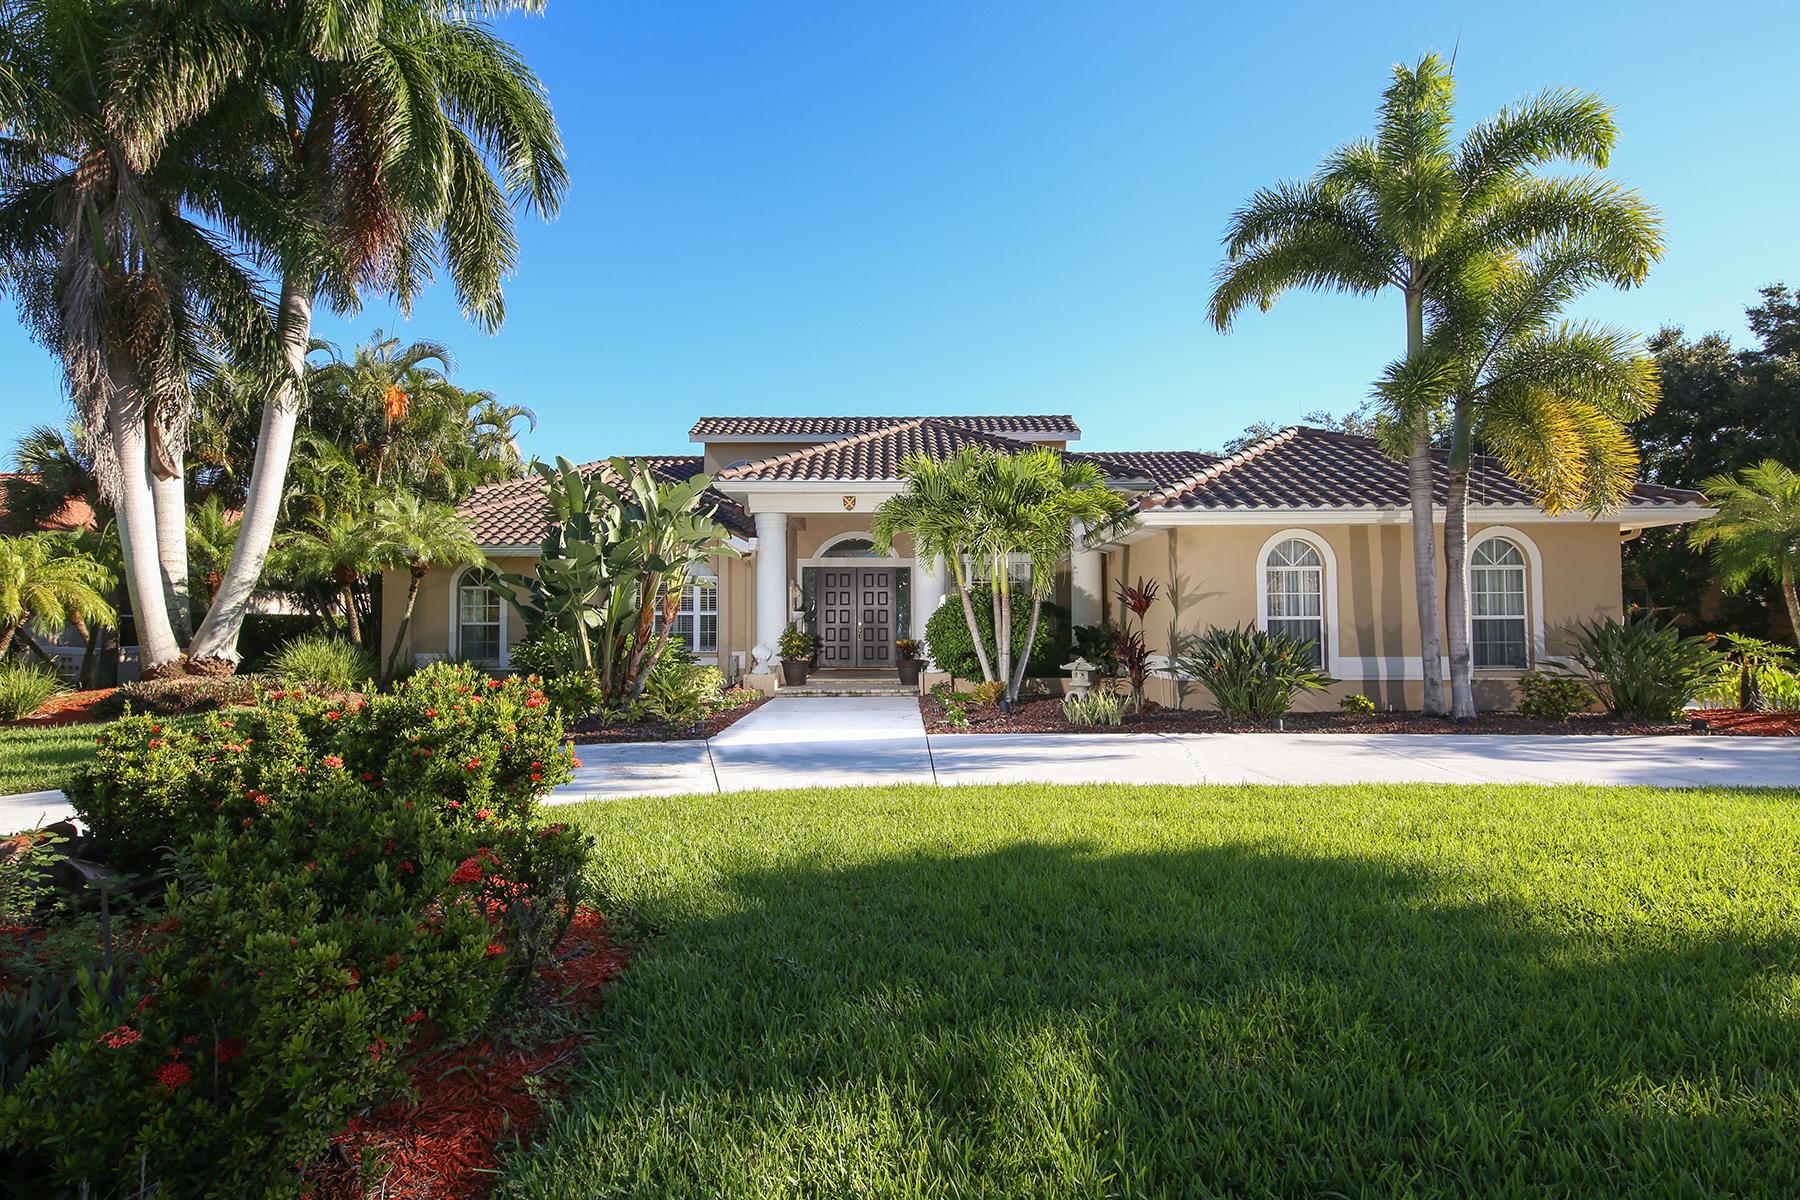 独户住宅 为 销售 在 PRESTANCIA 3799 Boca Pointe Dr 萨拉索塔, 佛罗里达州, 34238 美国